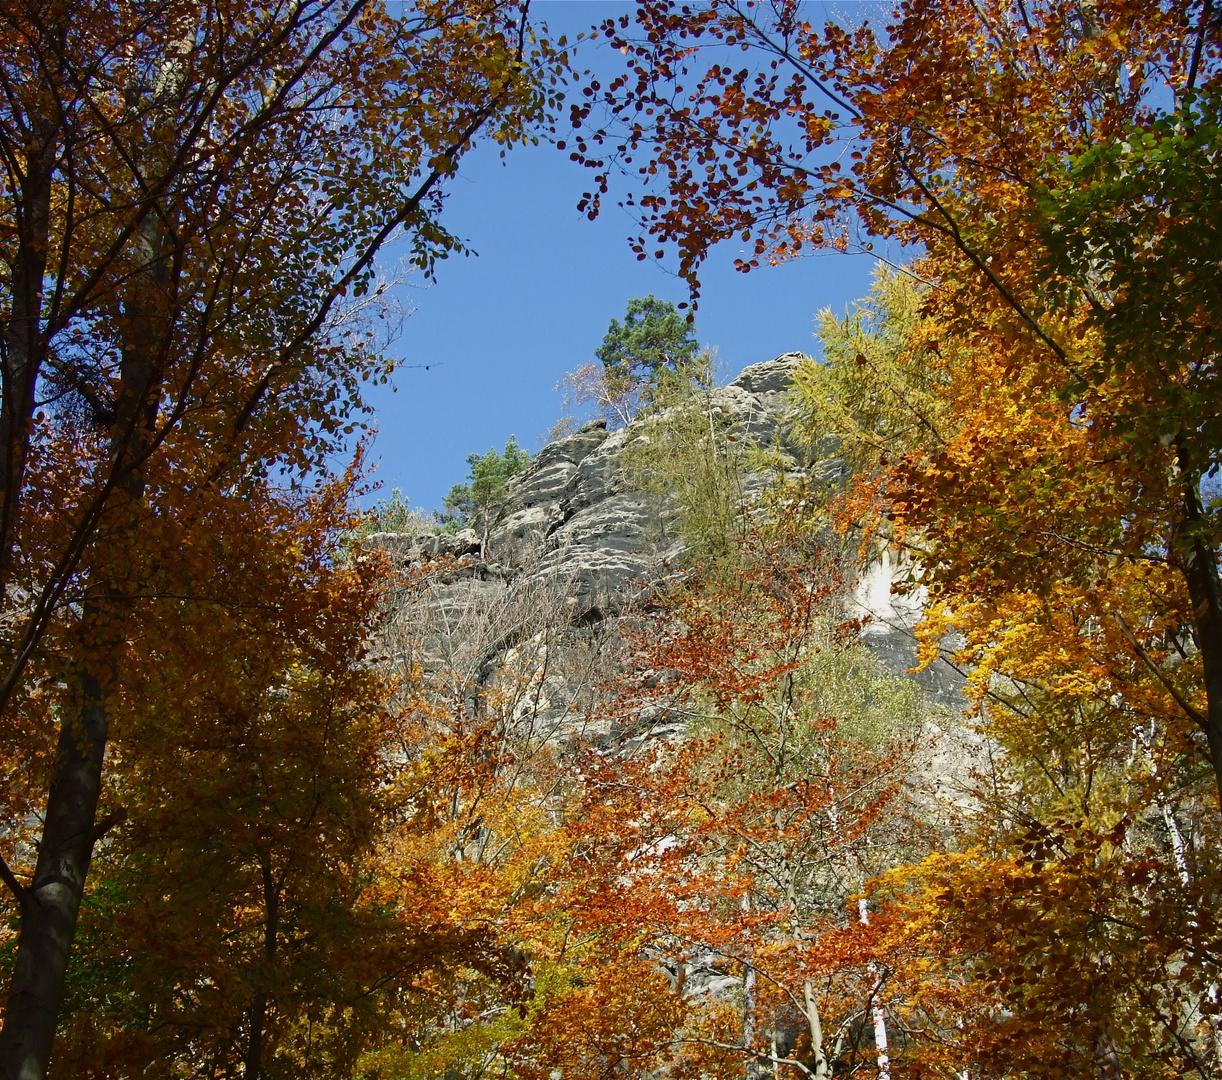 °°° Schrammsteine im Herbst - Ein wunderschöner Tag war das °°°